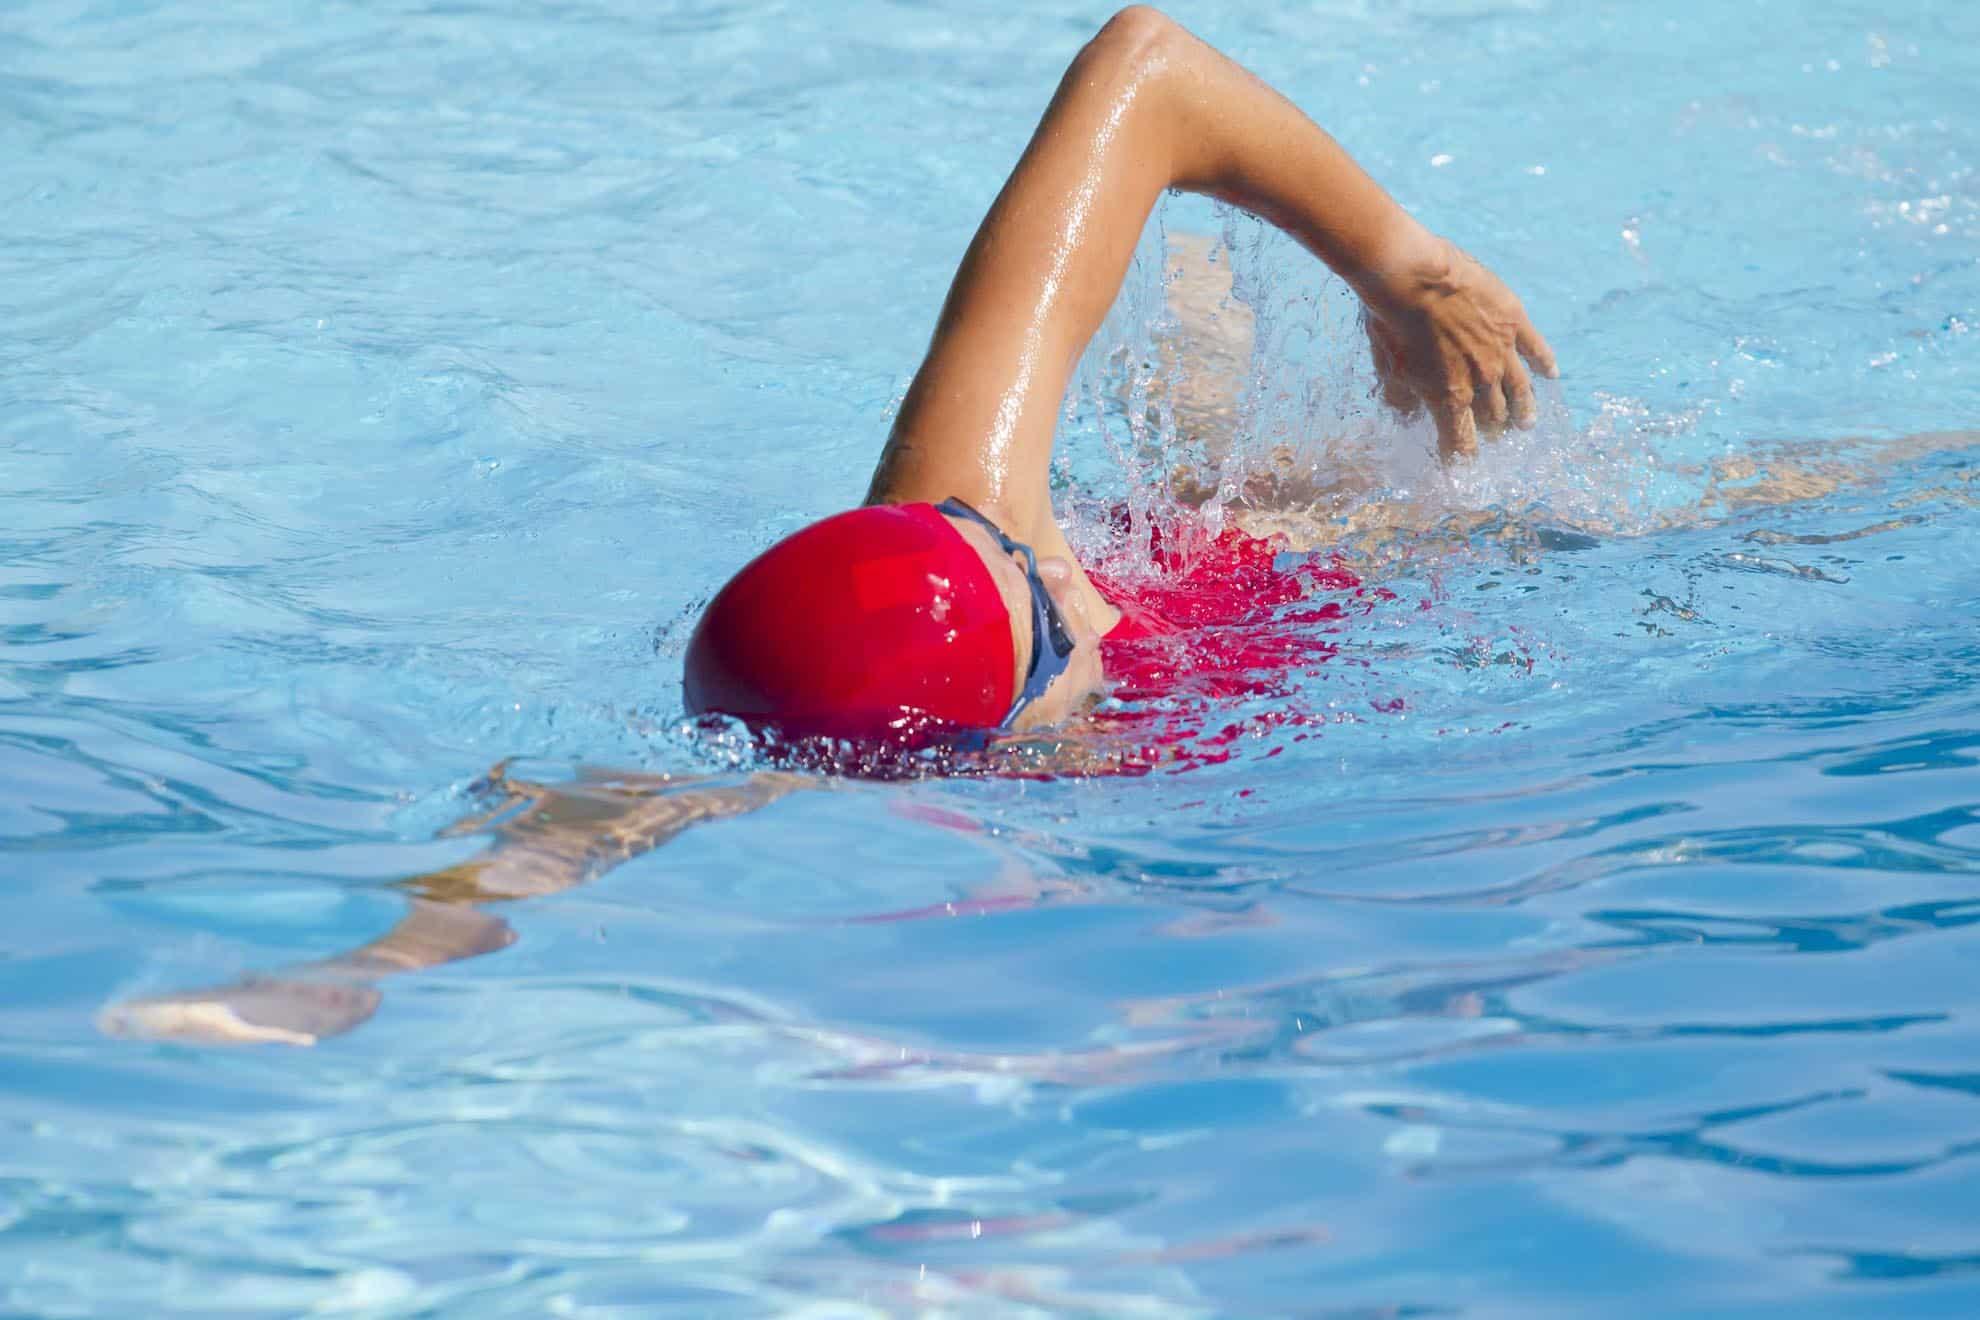 Extraordinaire Raffermir Les Cuisses En 2 Semaines tonifier cuisses, fessiers : natation | nage - 20 sÉances